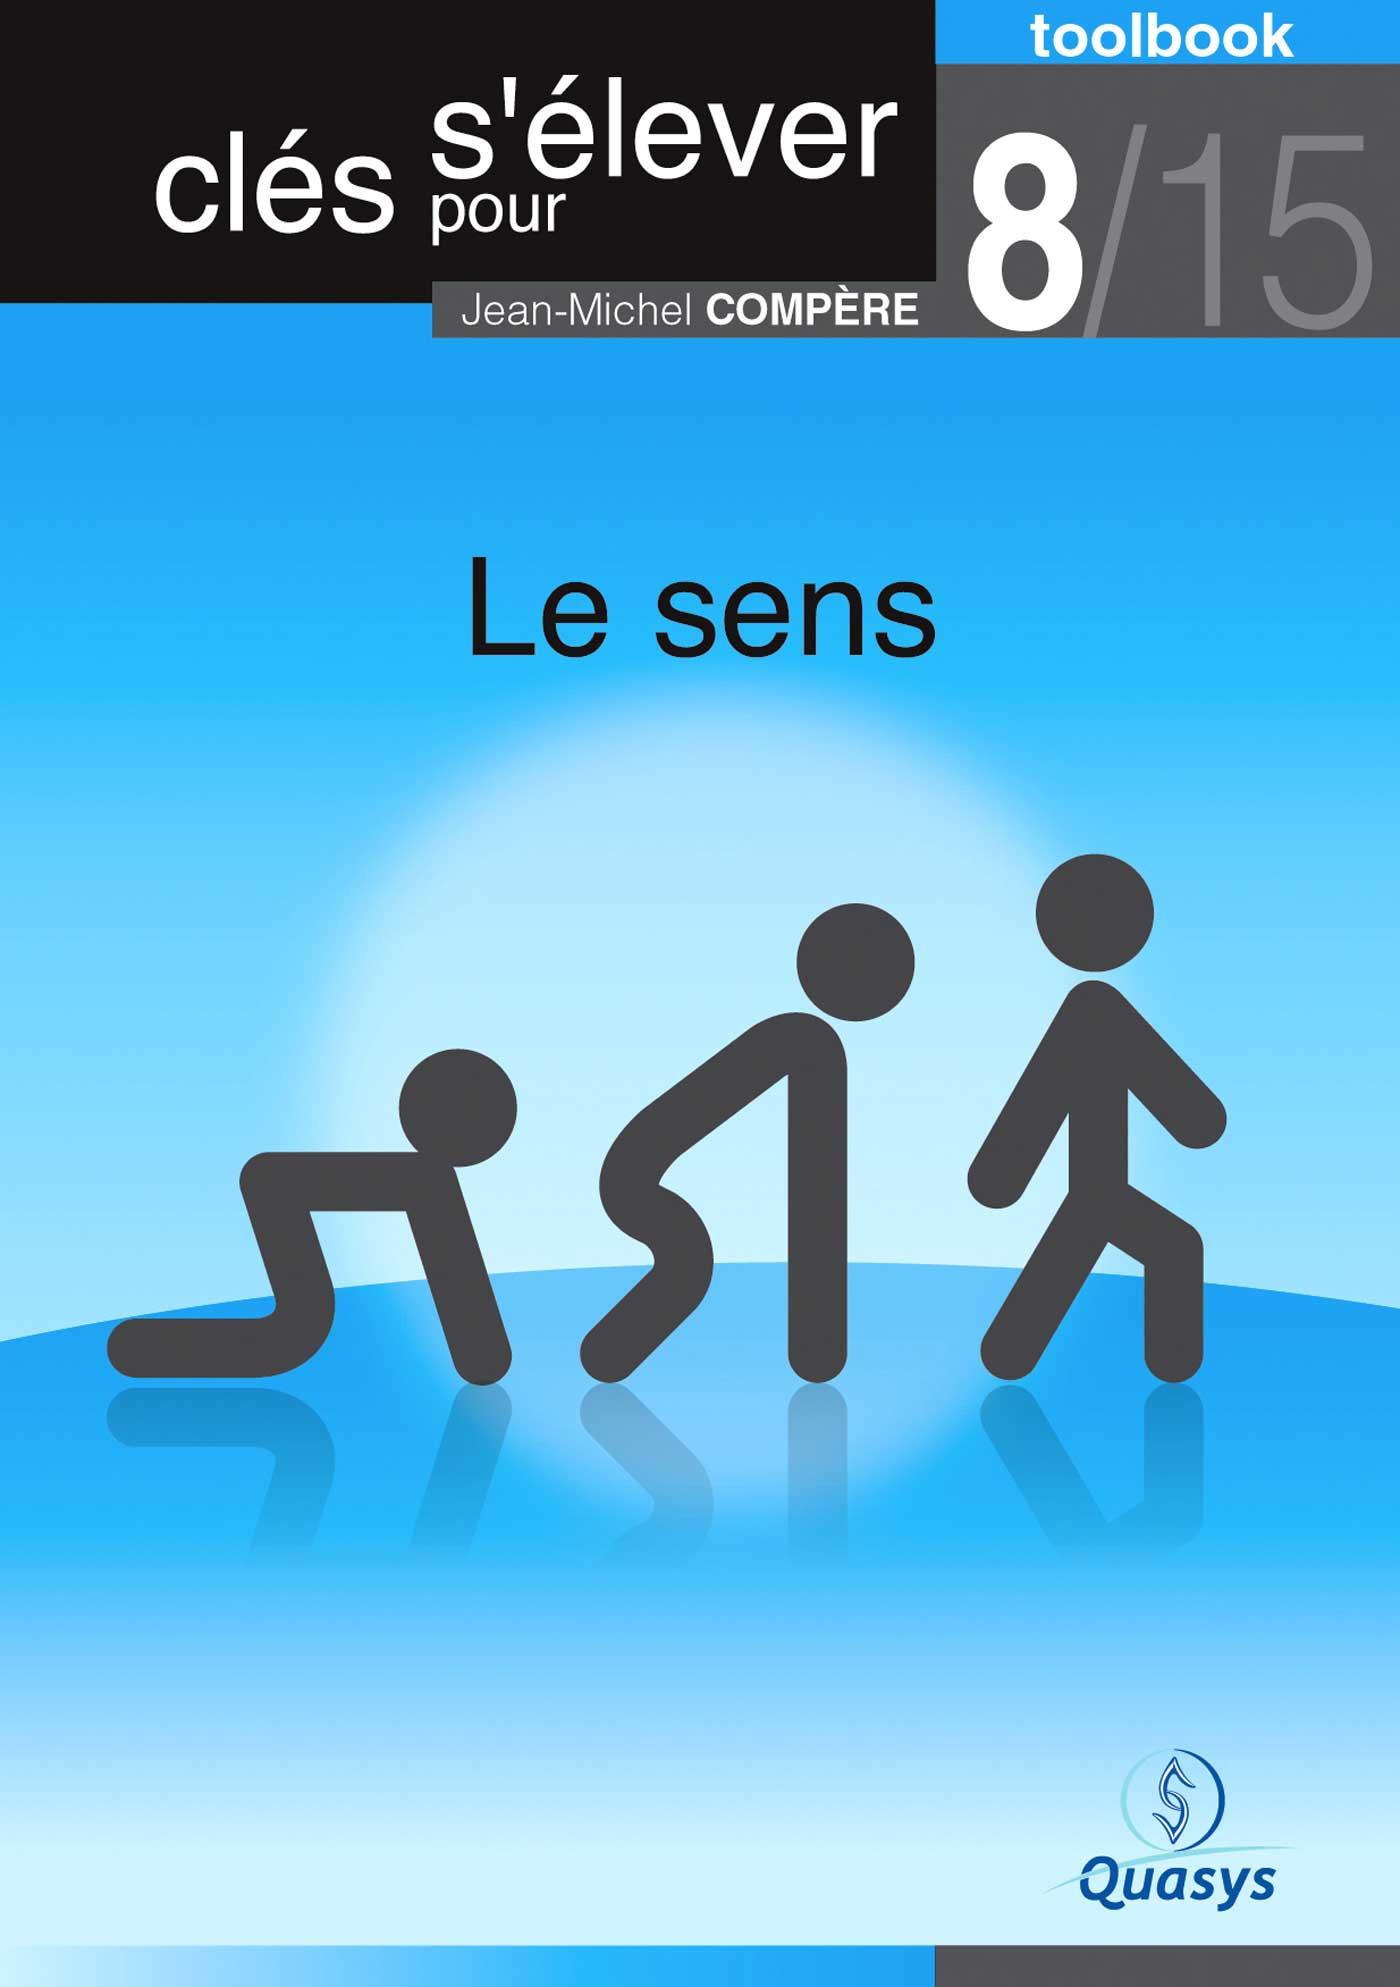 Le sens (Toolbook 8/15